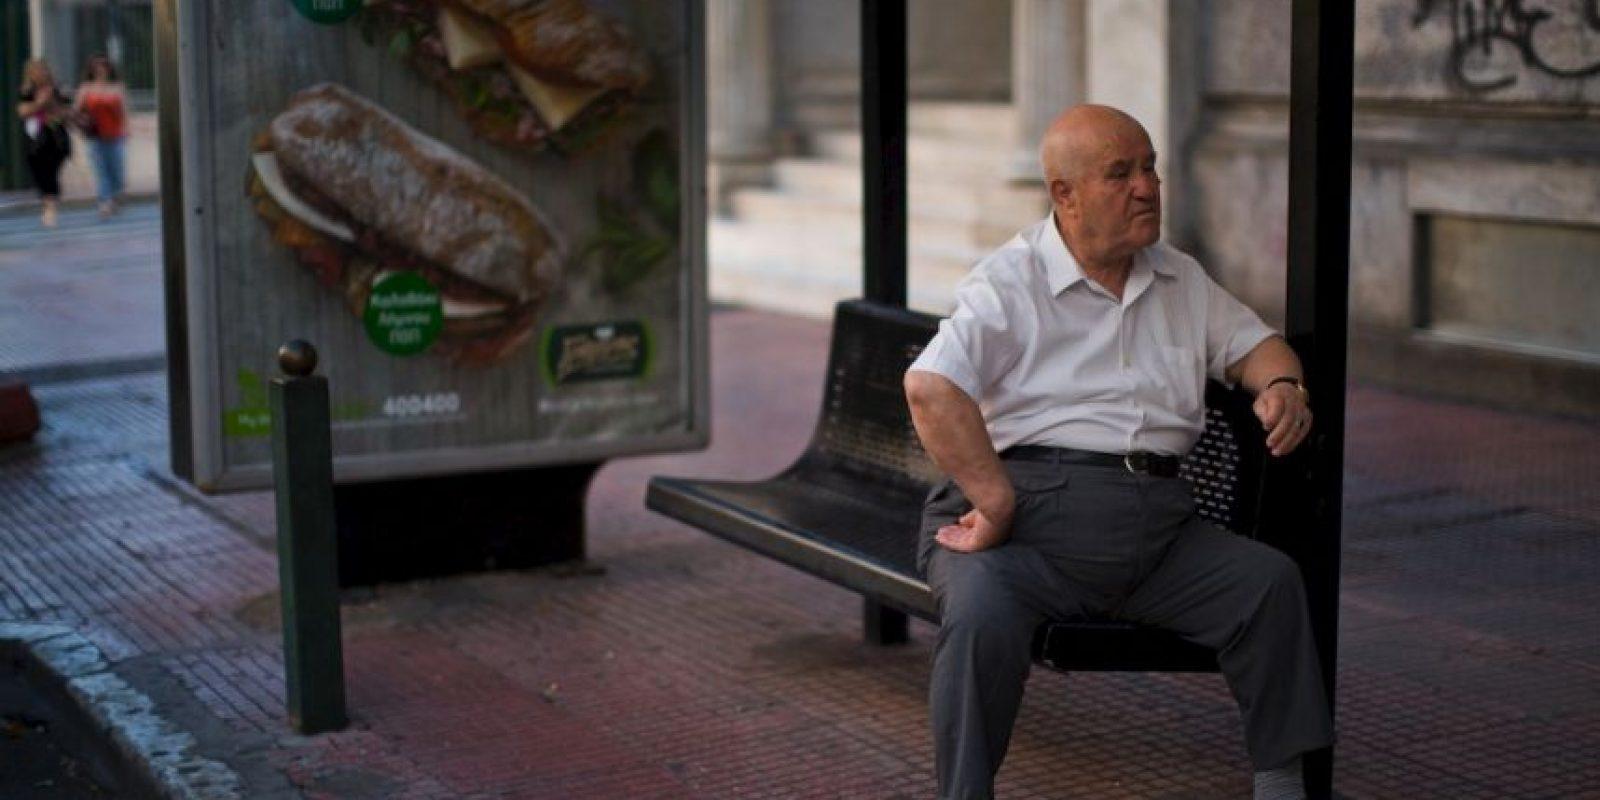 Los jubilados serían los más afectados en caso de recortar el sistema de pensiones Foto:AP